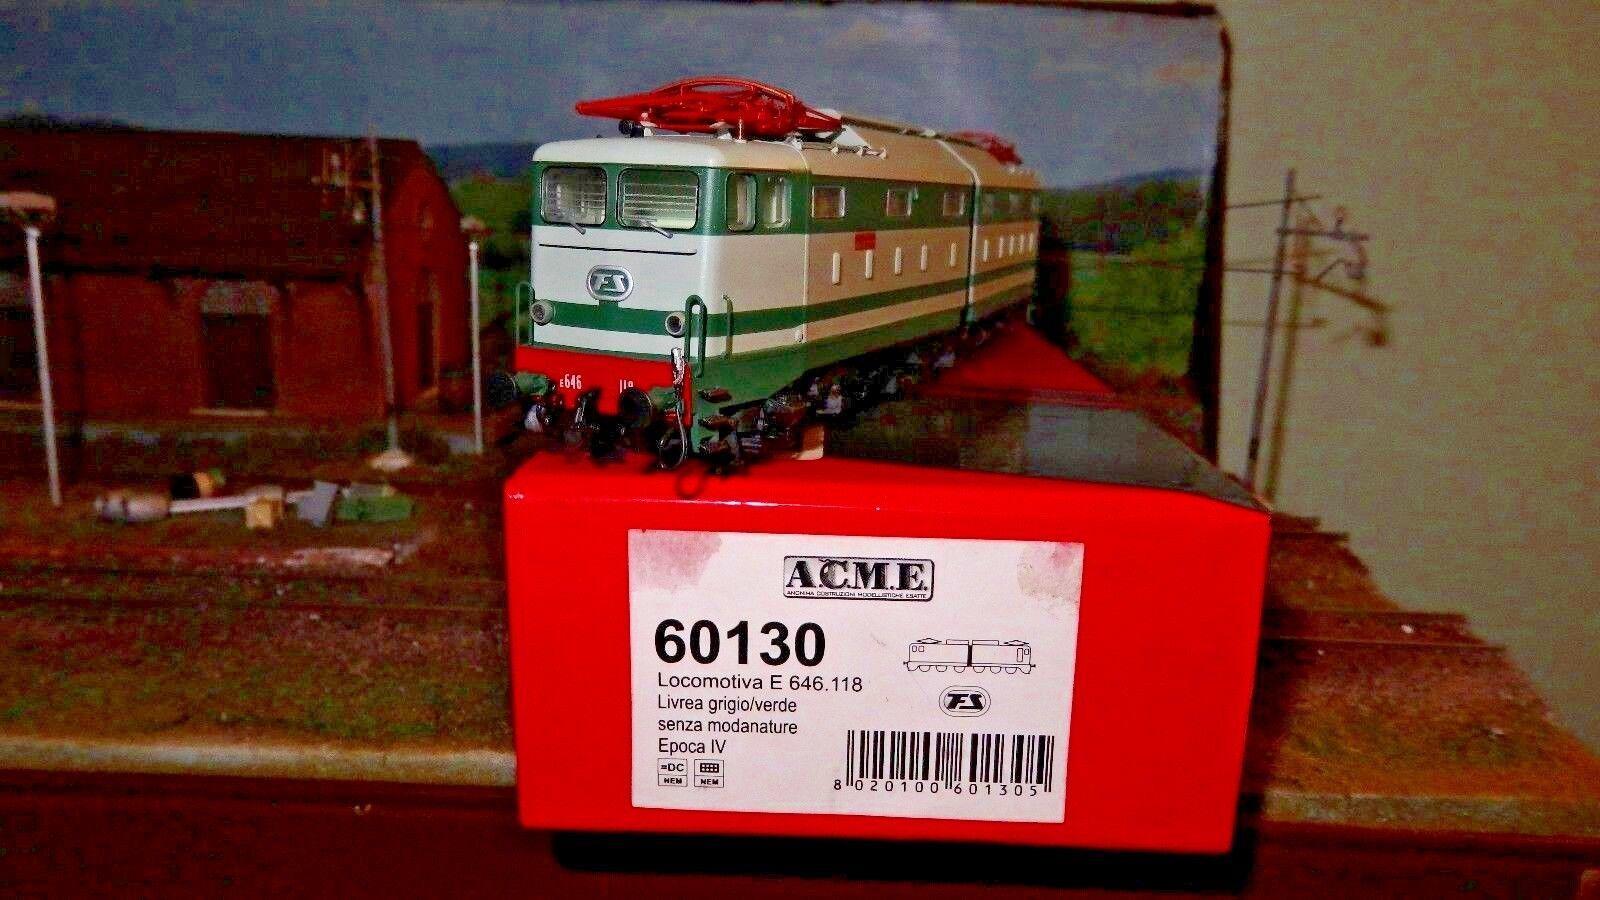 ACME ACME ACME 60130 E646 118 SECONDA SERIE verde grigio senza modanature FS ca7152